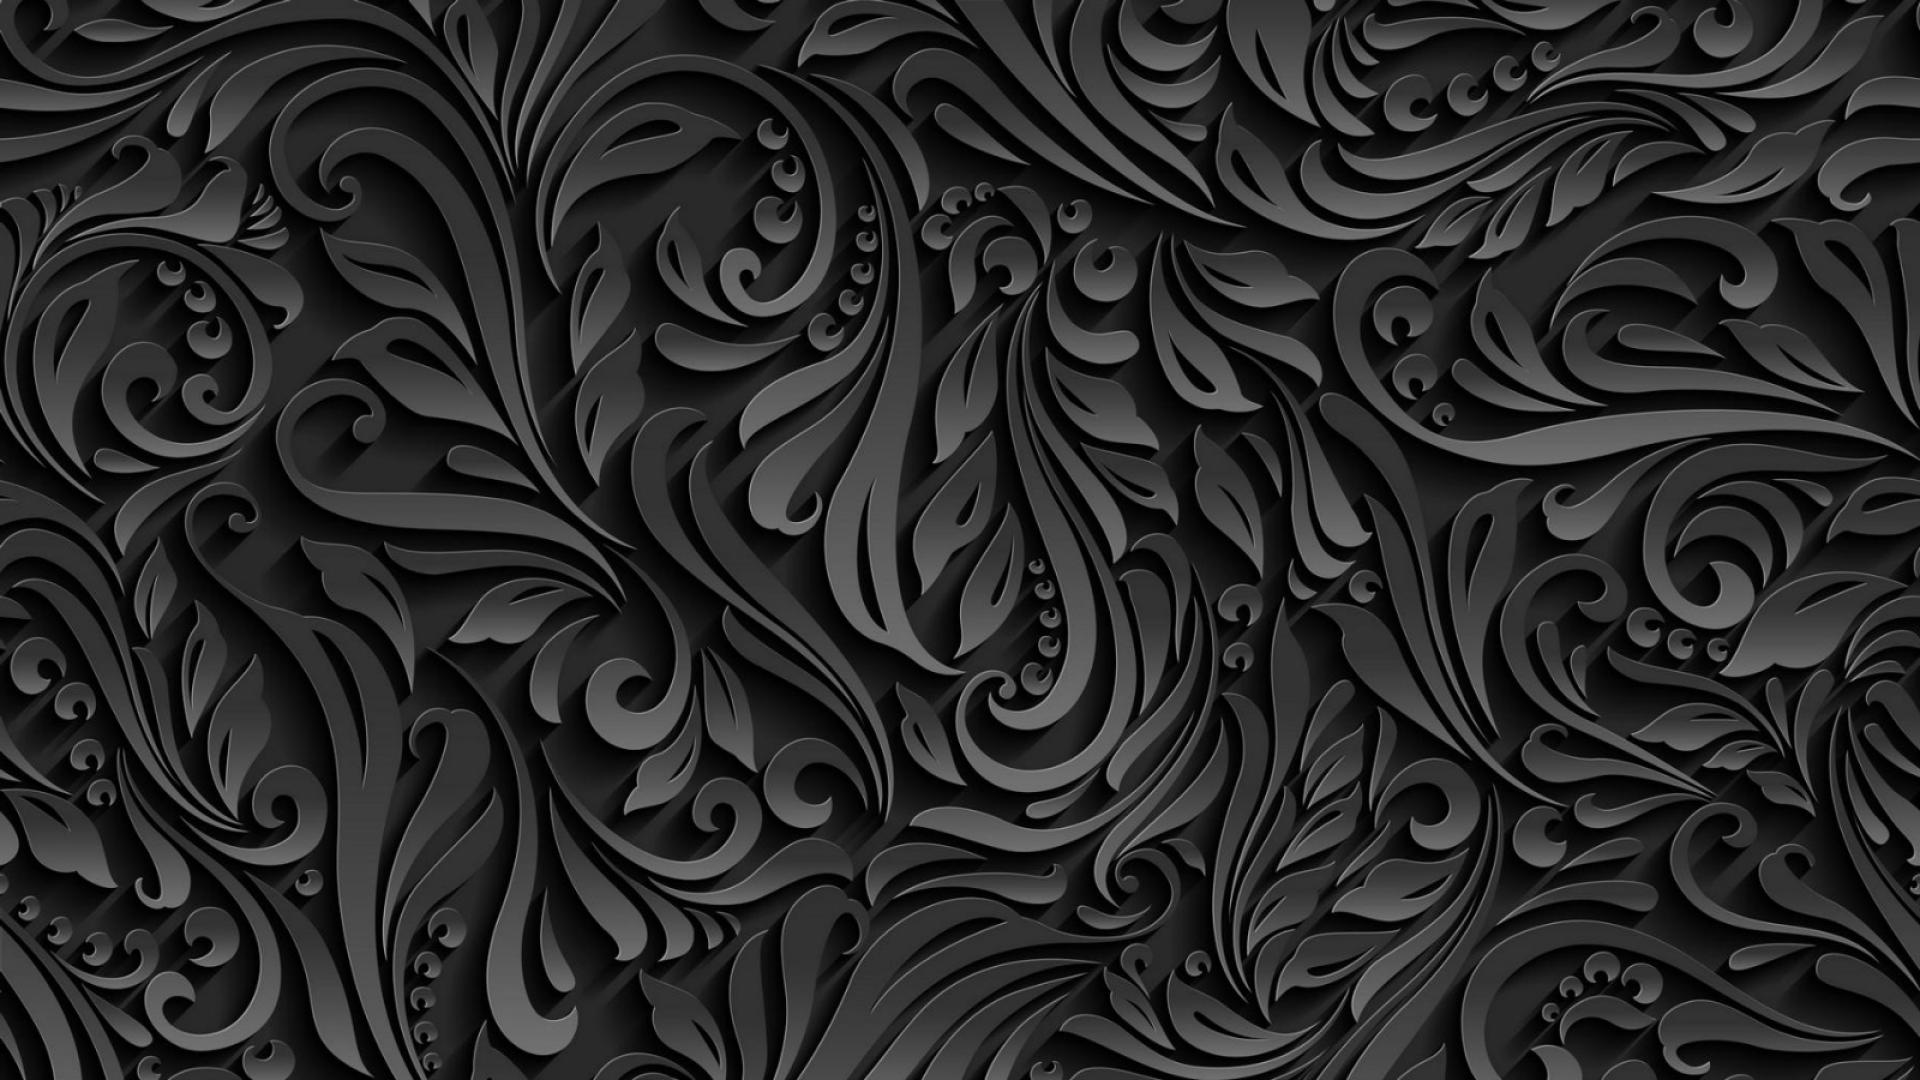 Hình nền đen hoạ tiết